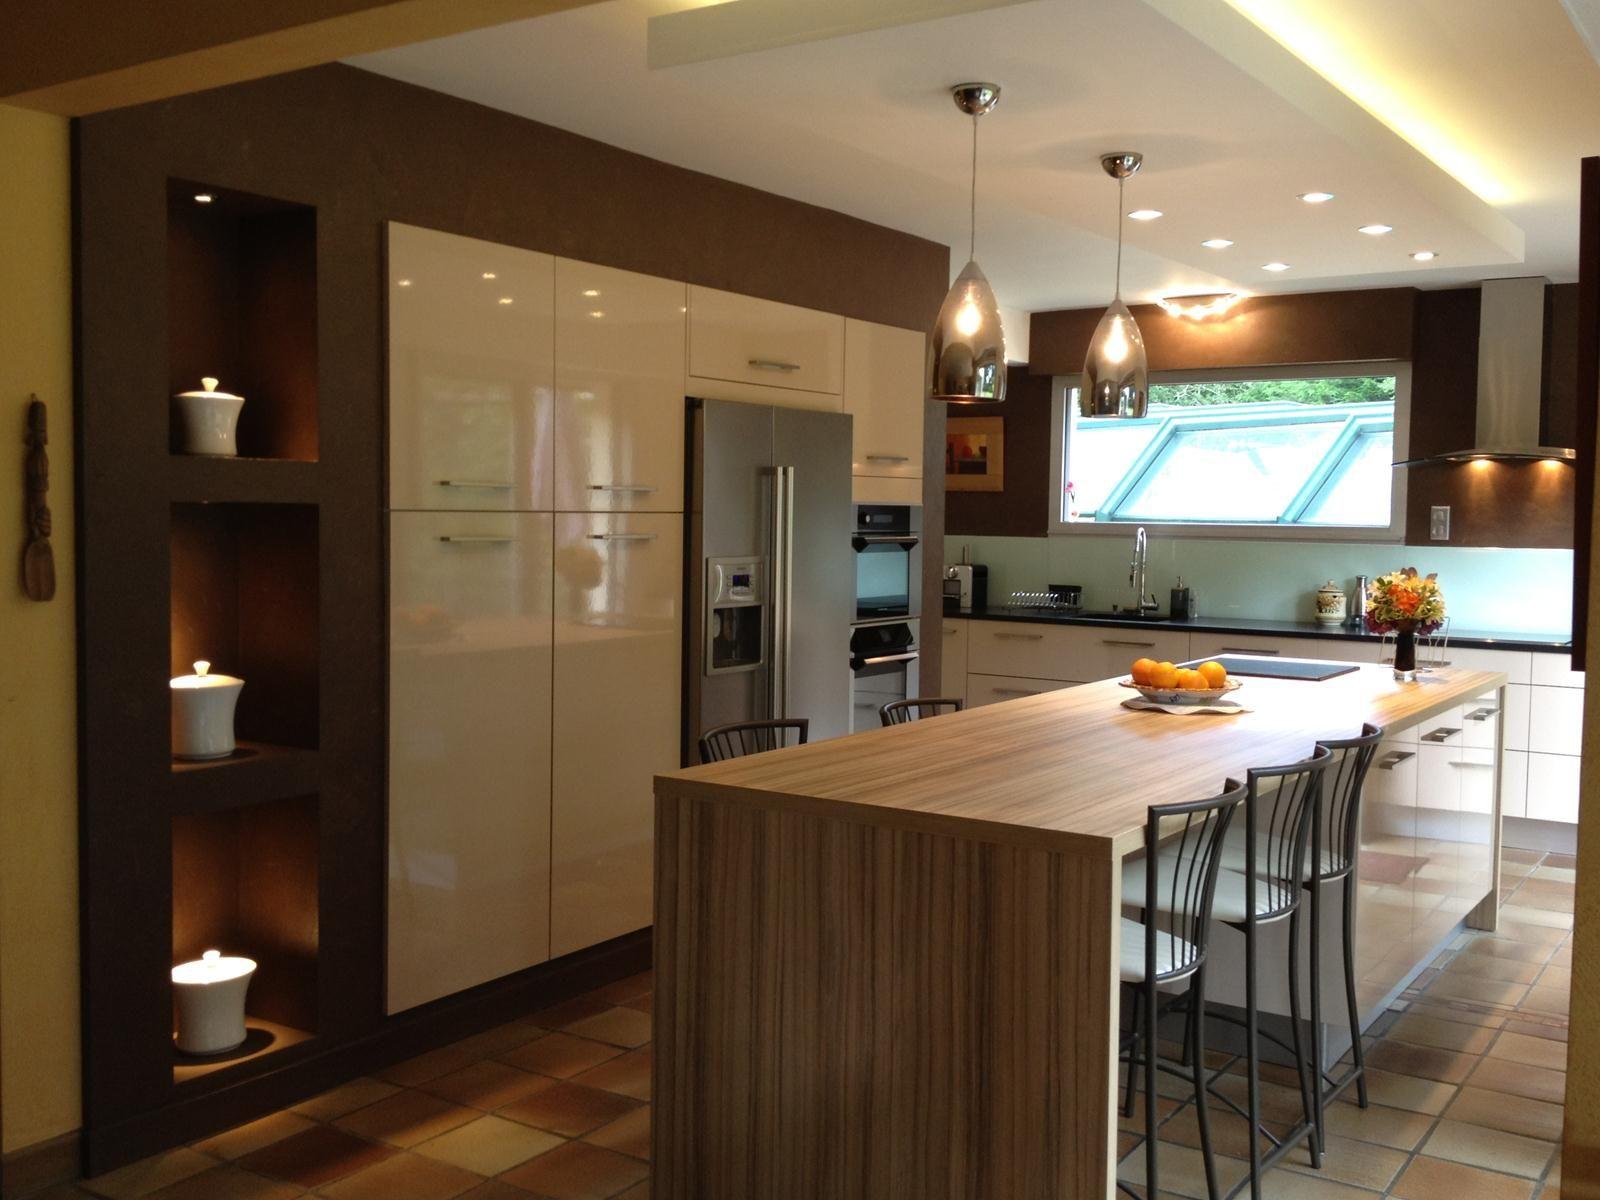 cuisiniste magasin de cuisine la carte amenagement de cuisine cuisines sur mesure et. Black Bedroom Furniture Sets. Home Design Ideas